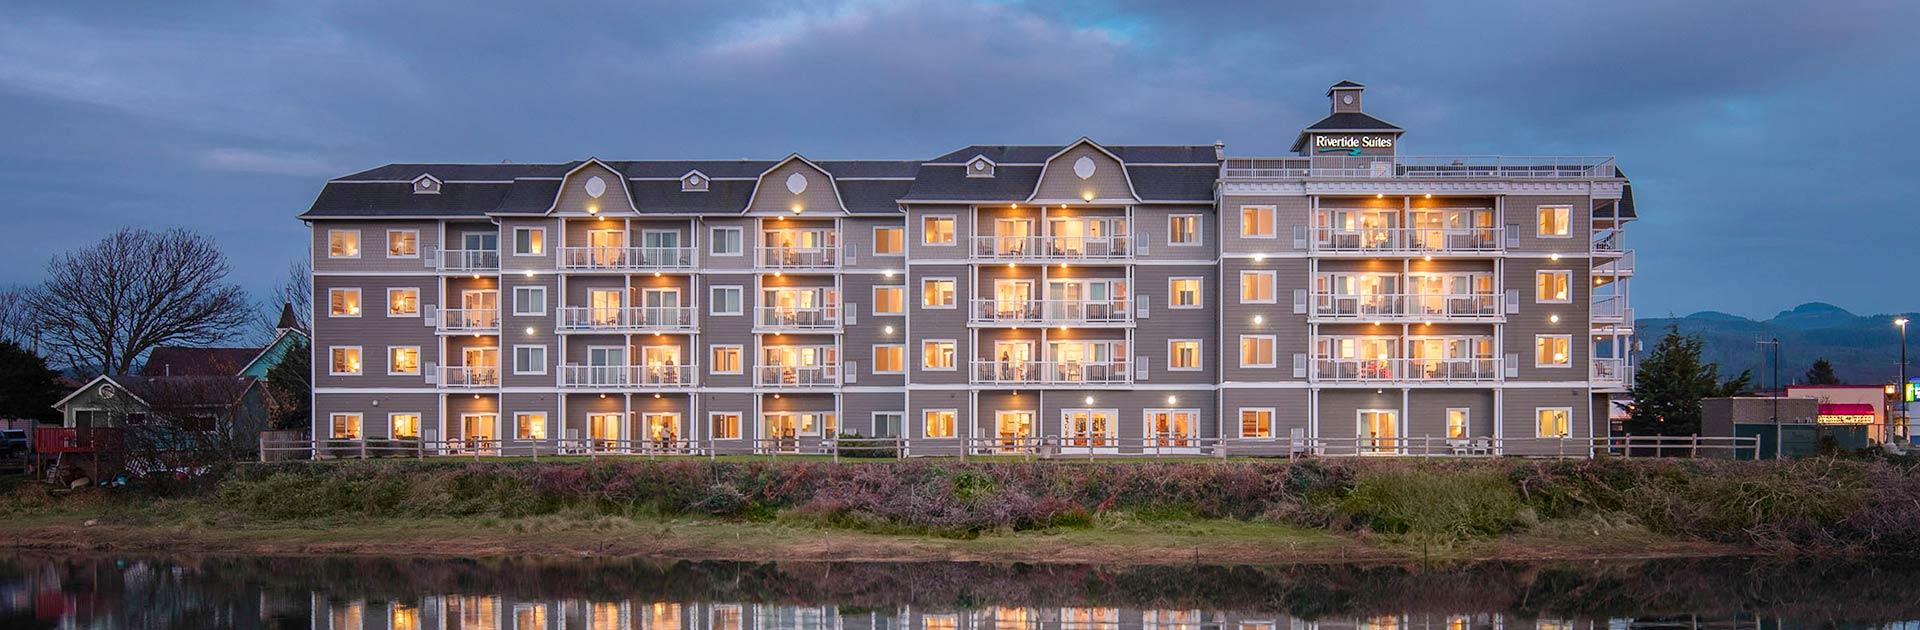 Rivertide Suites Hotel, Oregon